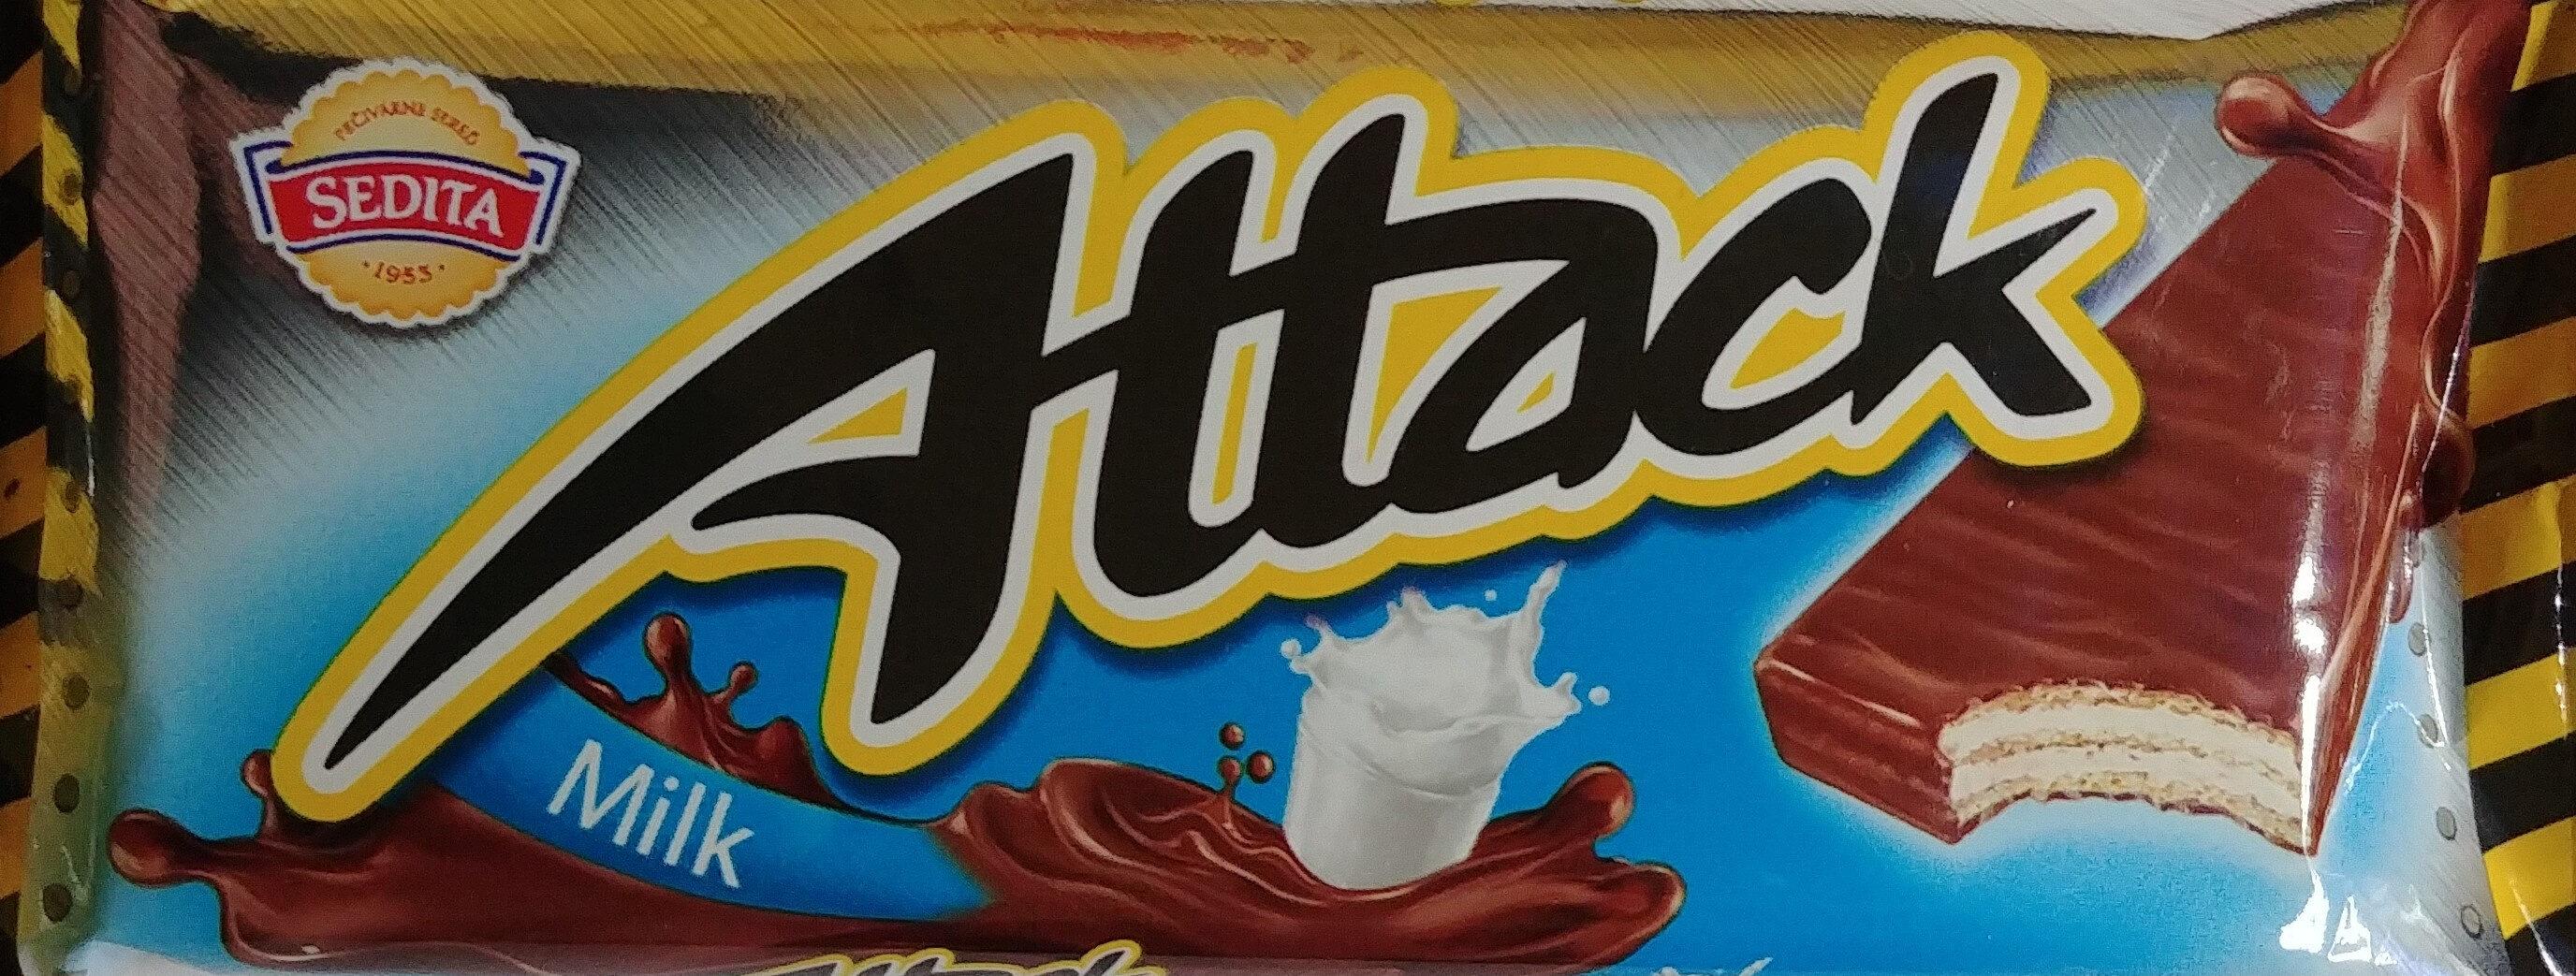 Kruchy wafelek z kremowym nadzieniem (58%) mlecznym w polewie mleczno-kakaowej - Produkt - pl